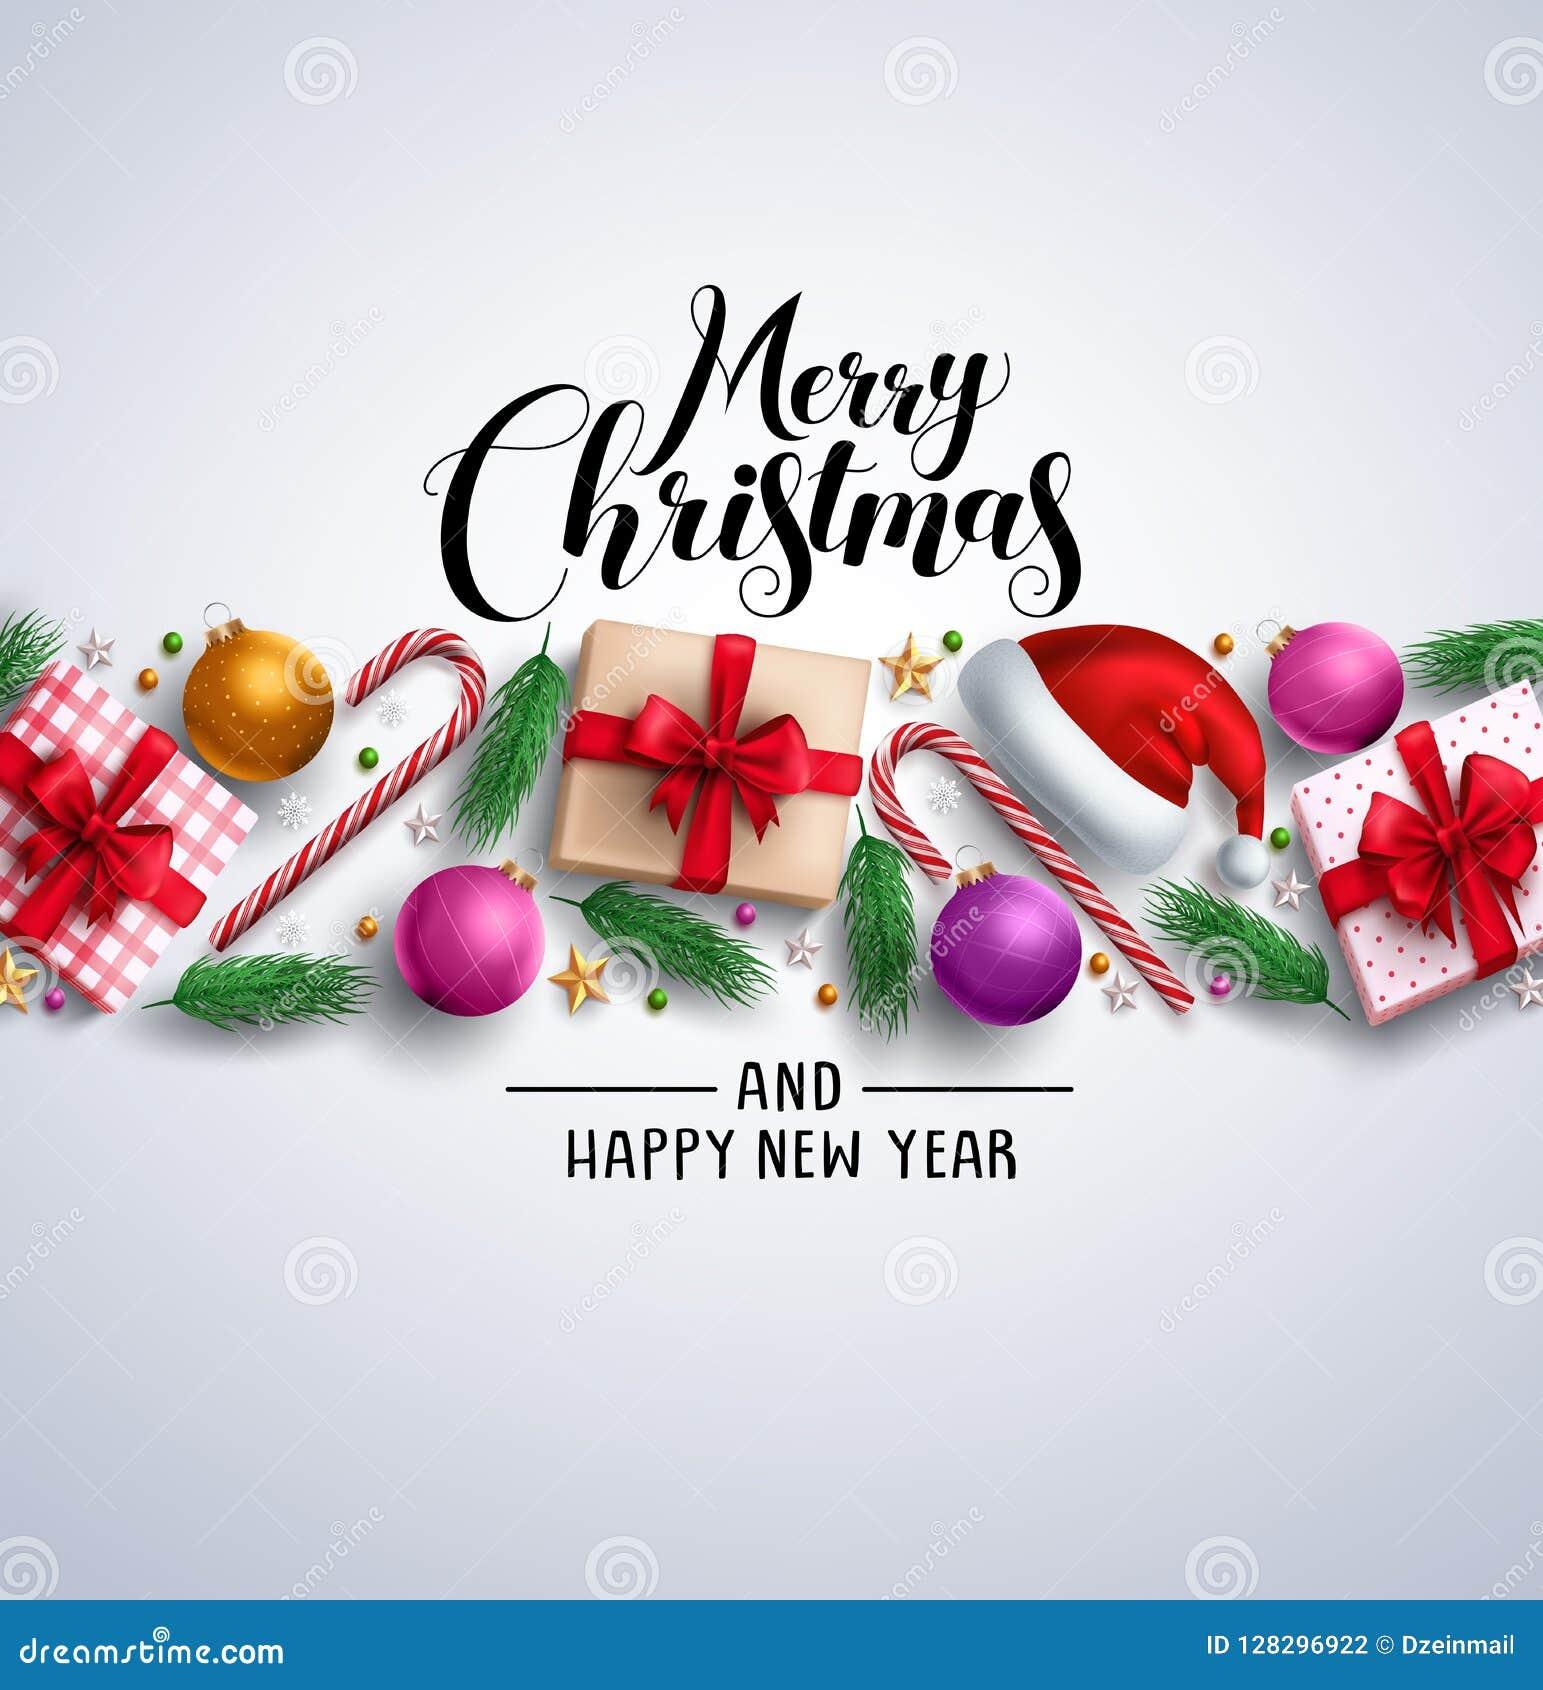 Weihnachtskarten Einladung.Weihnachtskarten Vektorfahne Mit Grußtext Der Frohen Weihnachten